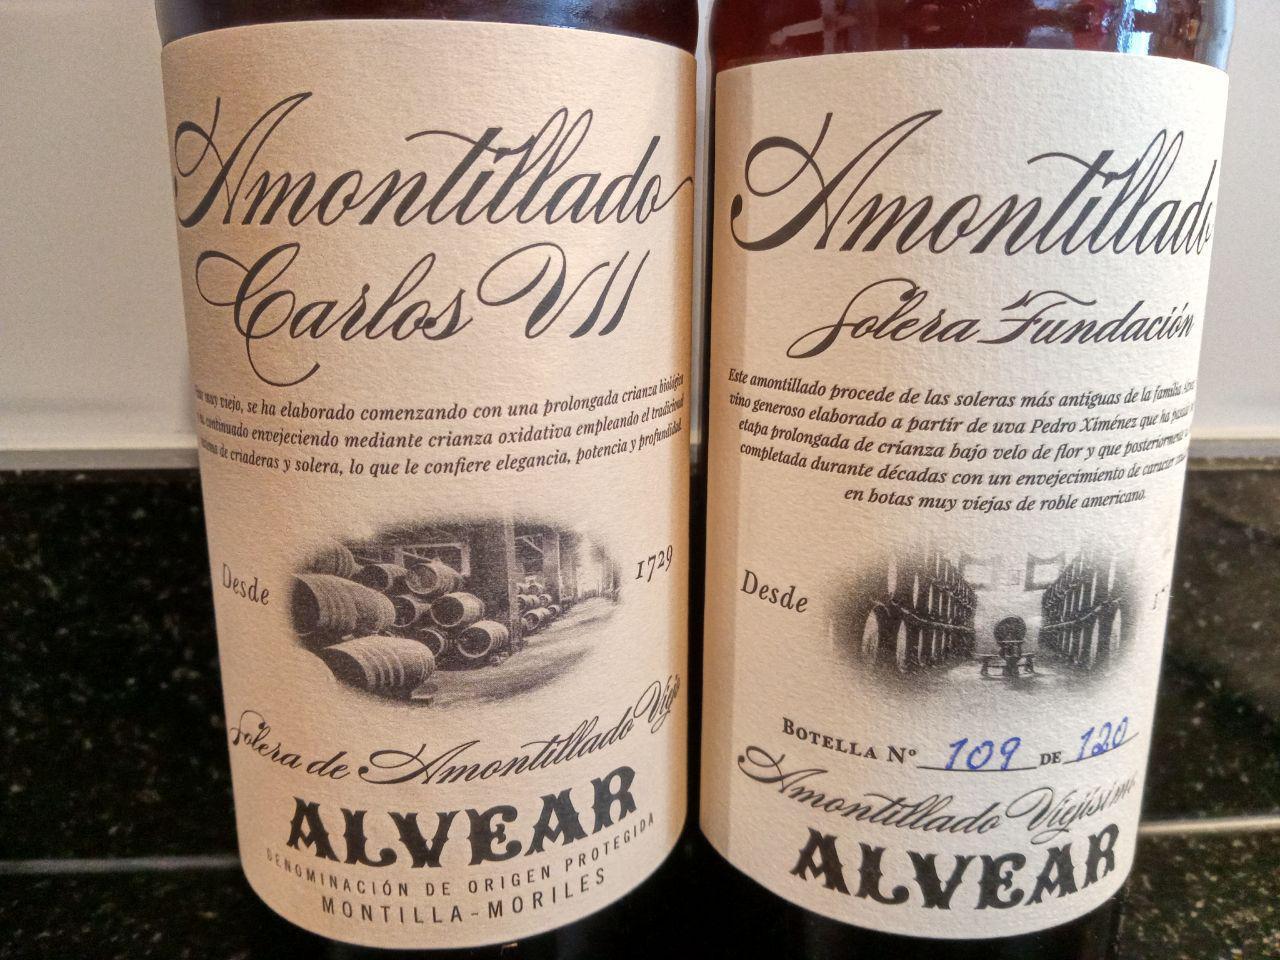 Alvear Carlos VII Amontillado de Solera Viejo vs Alvear Solera Fundación de Amontillado Viejísimo, Saca 1/2018, botella nº 109 de 120